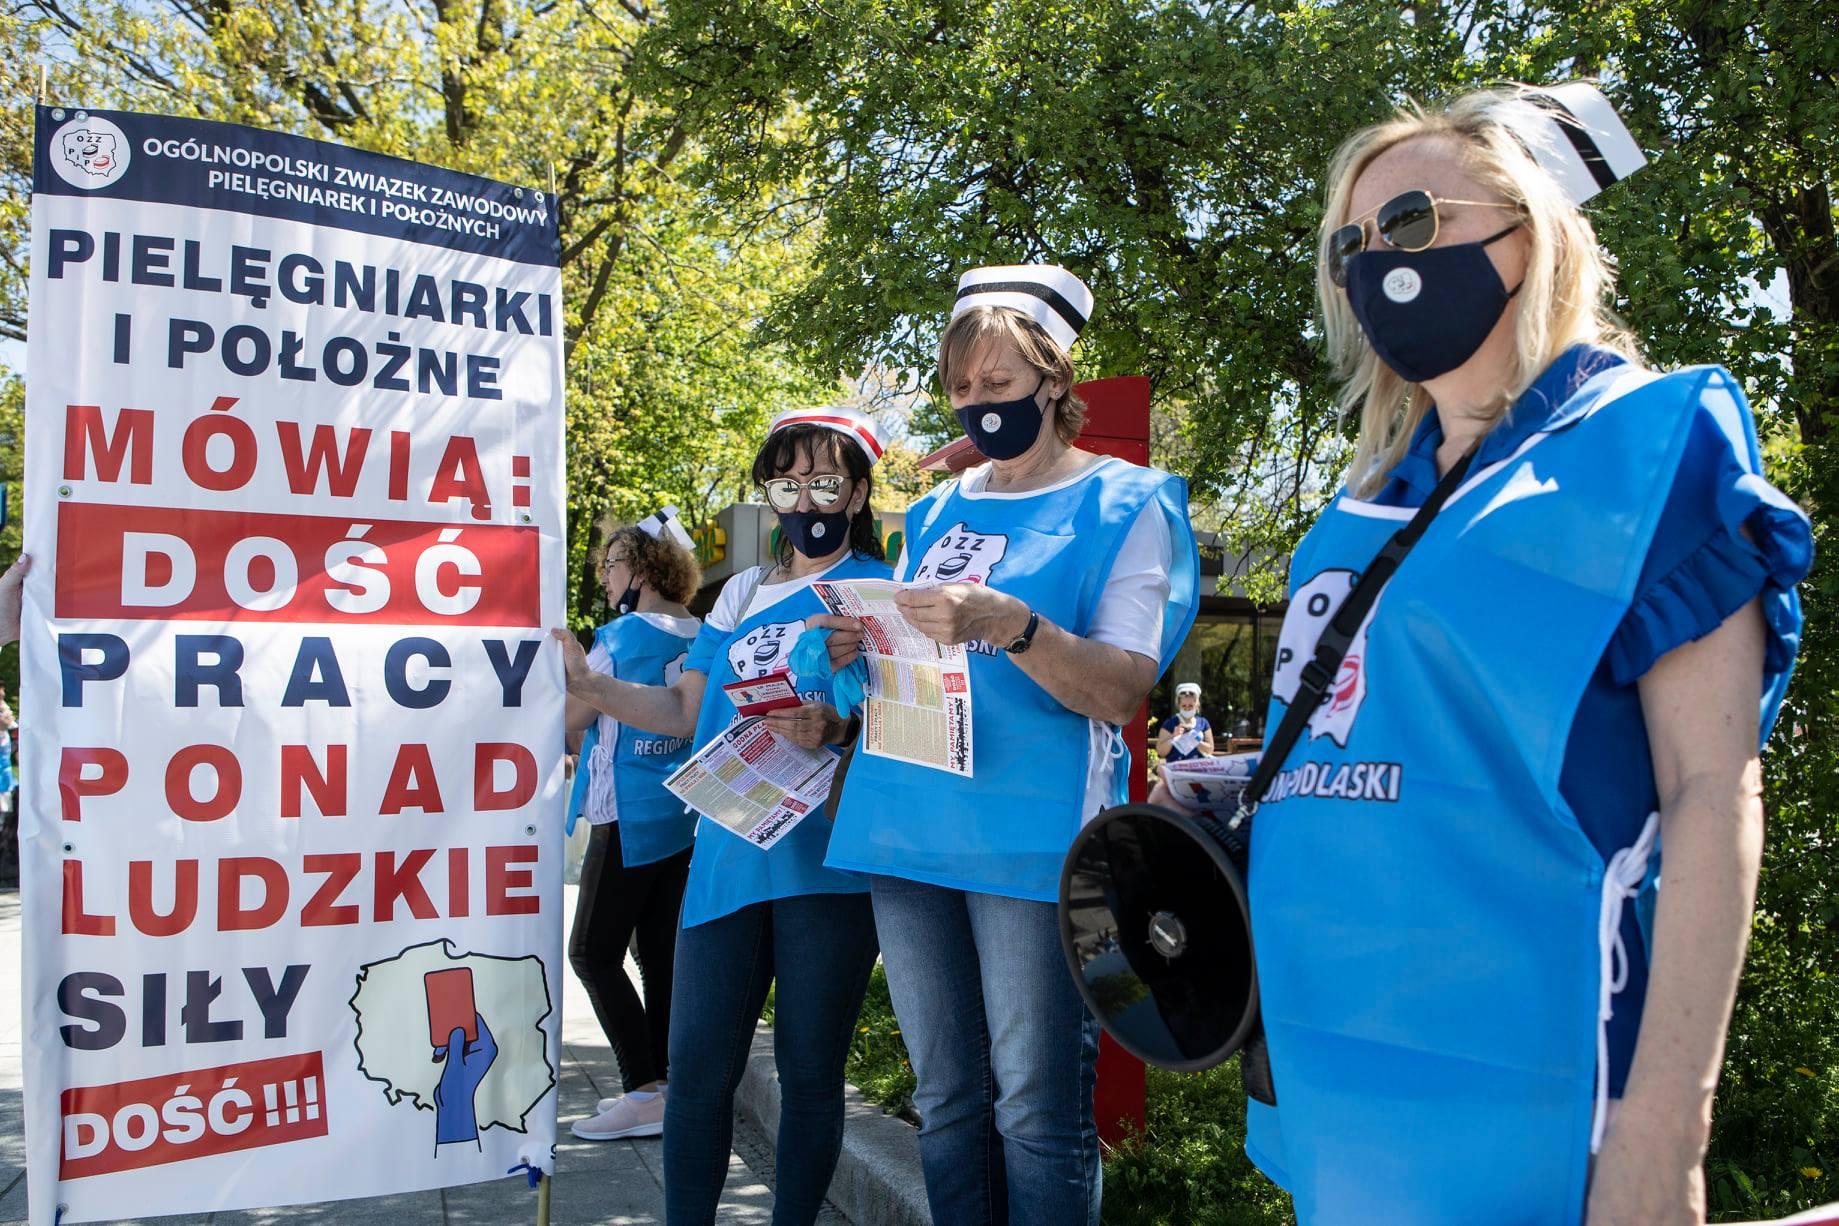 ŁUKÓW Strajk pielęgniarek. Znamy termin i postulaty  - Zdjęcie główne